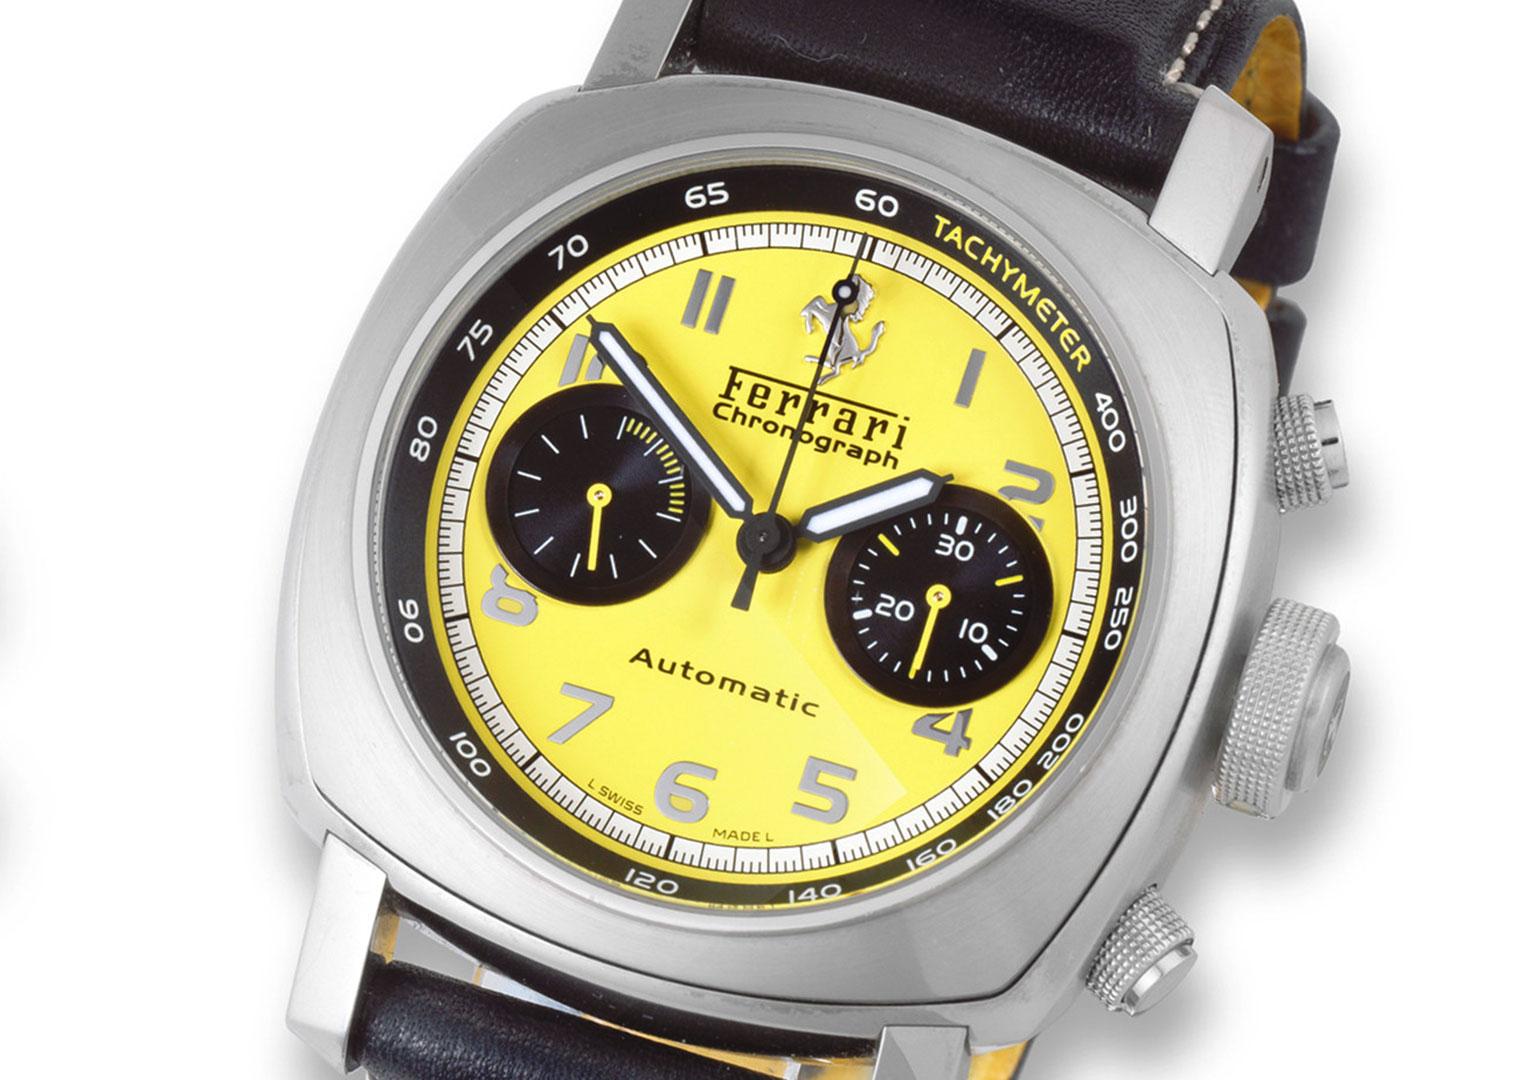 A Panerai Ferrari chronograph